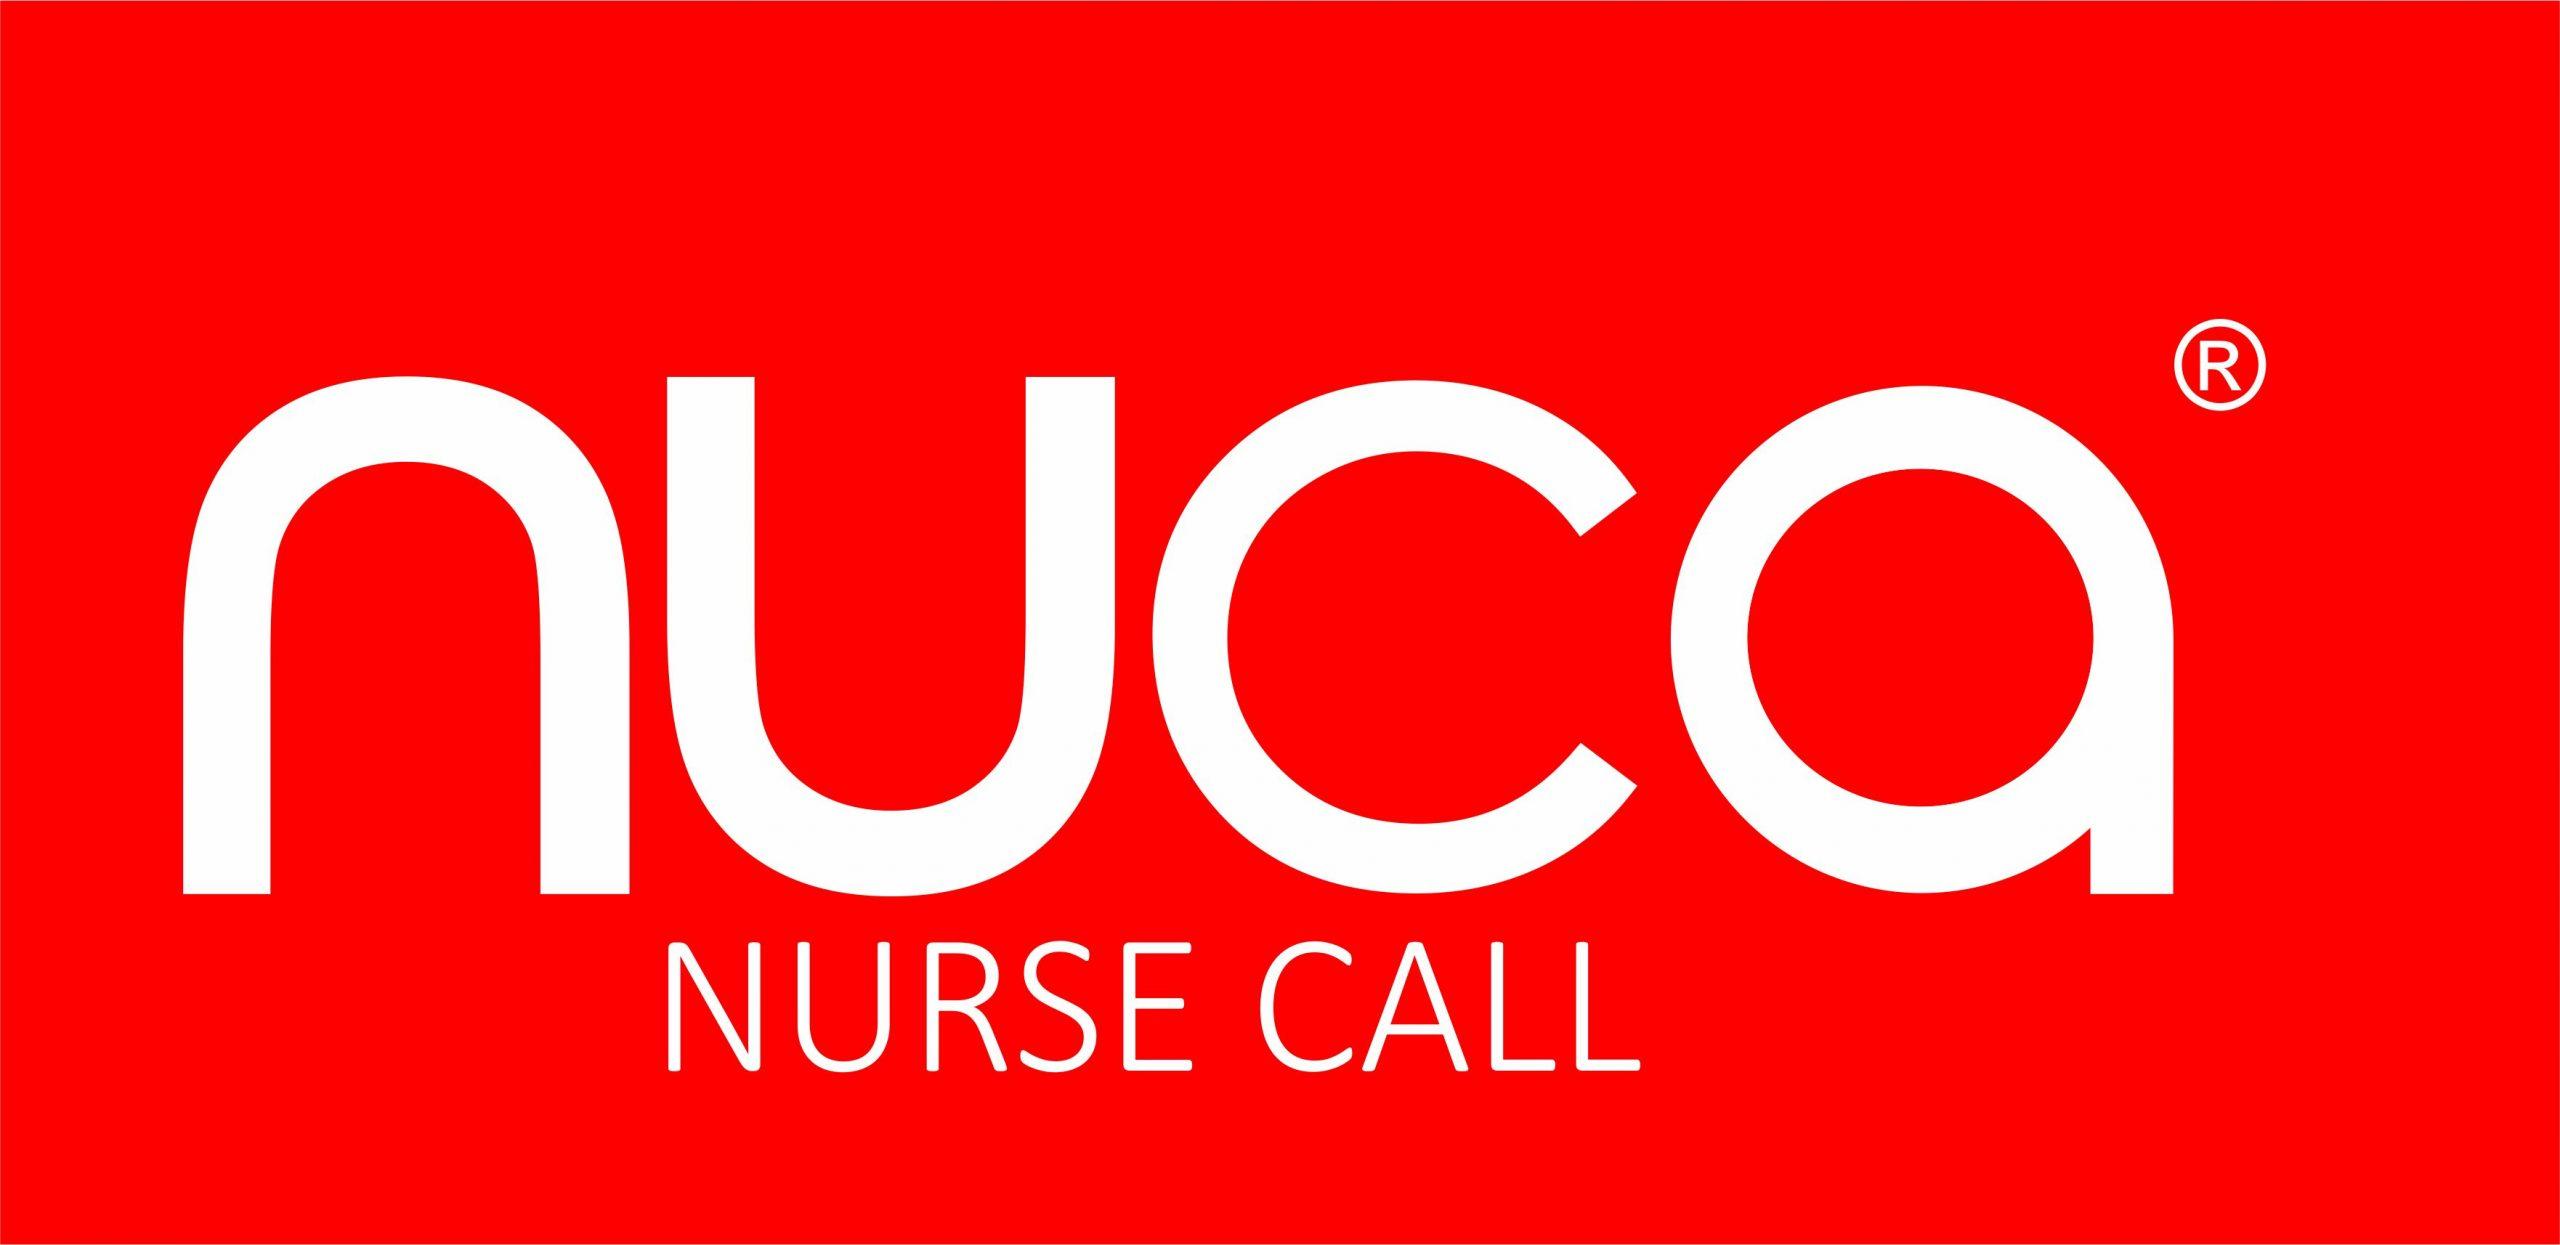 Comunicado BCoTech – NUCA nursecall